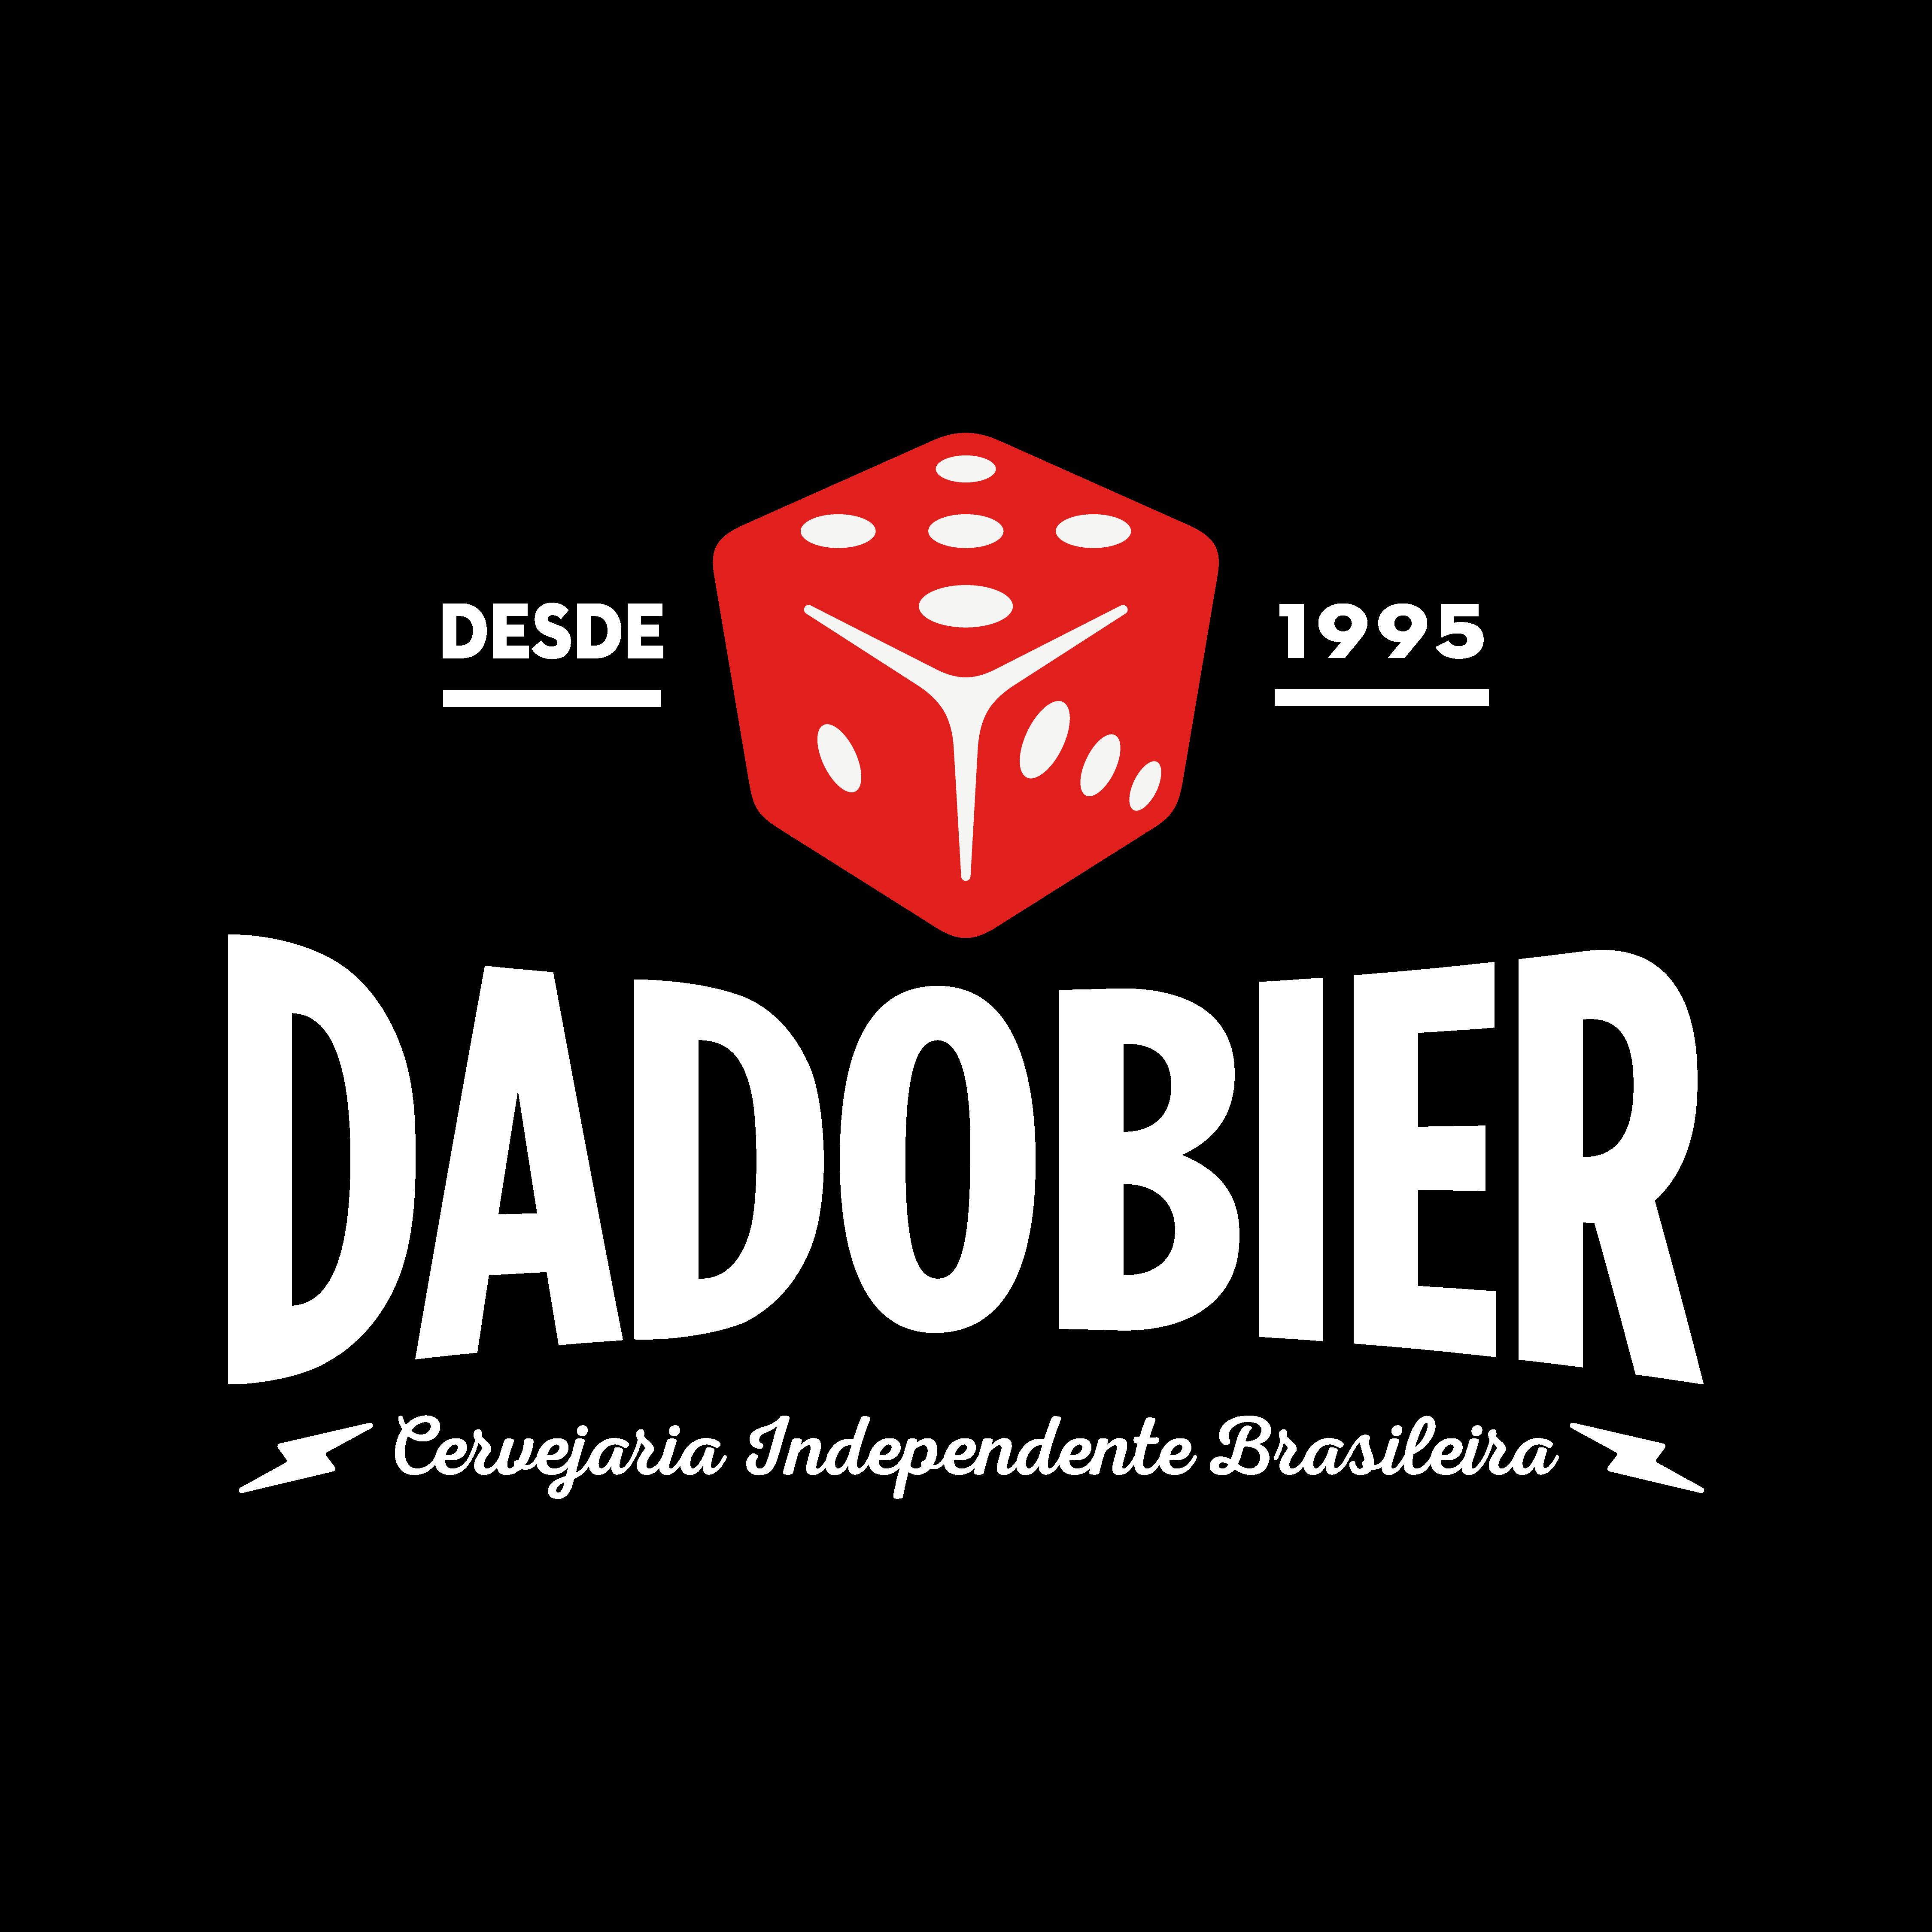 Logo da Dado Bier